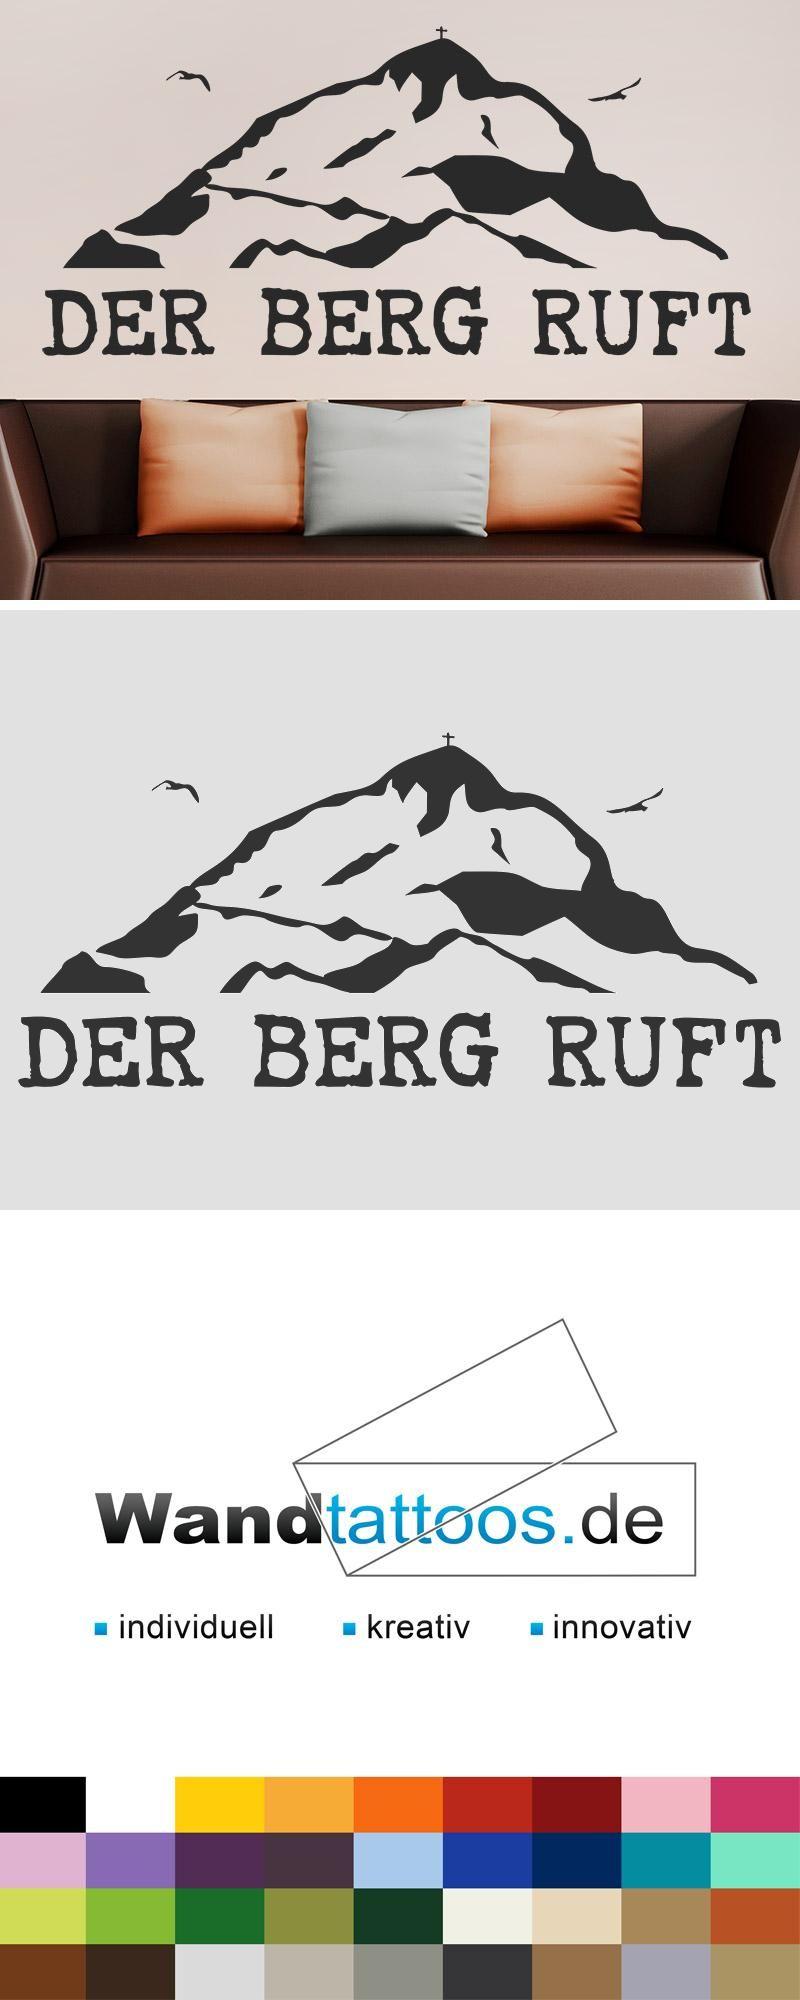 Wandtattoo Der Berg Ruft Wandtattoos De Der Berg Ruft Der Berg Wandtattoo